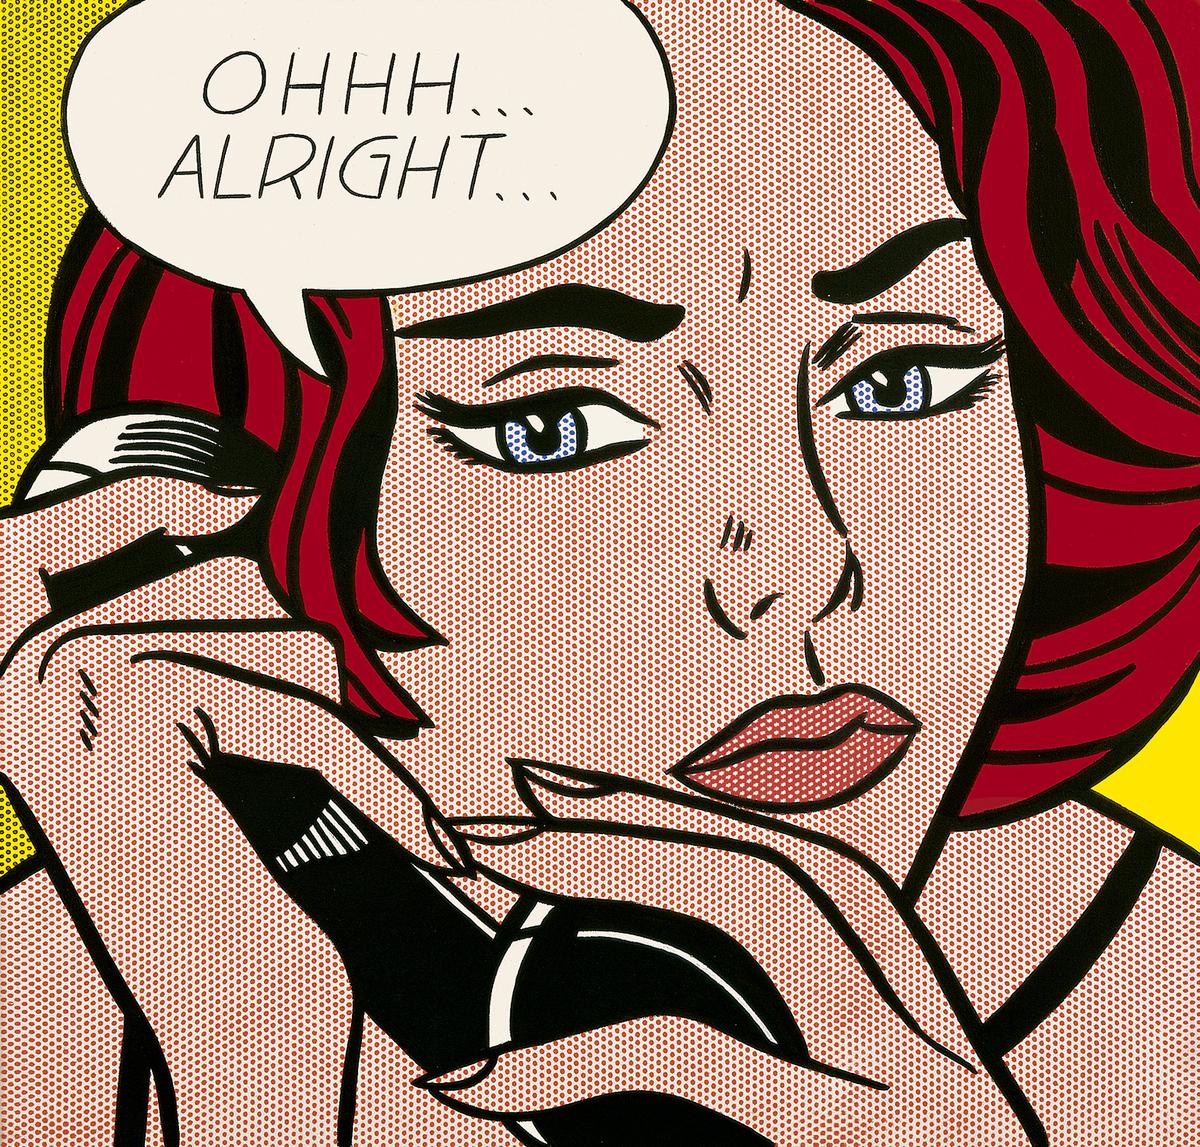 Roy Lichtenstein,   Ohhh ... Alright .. .